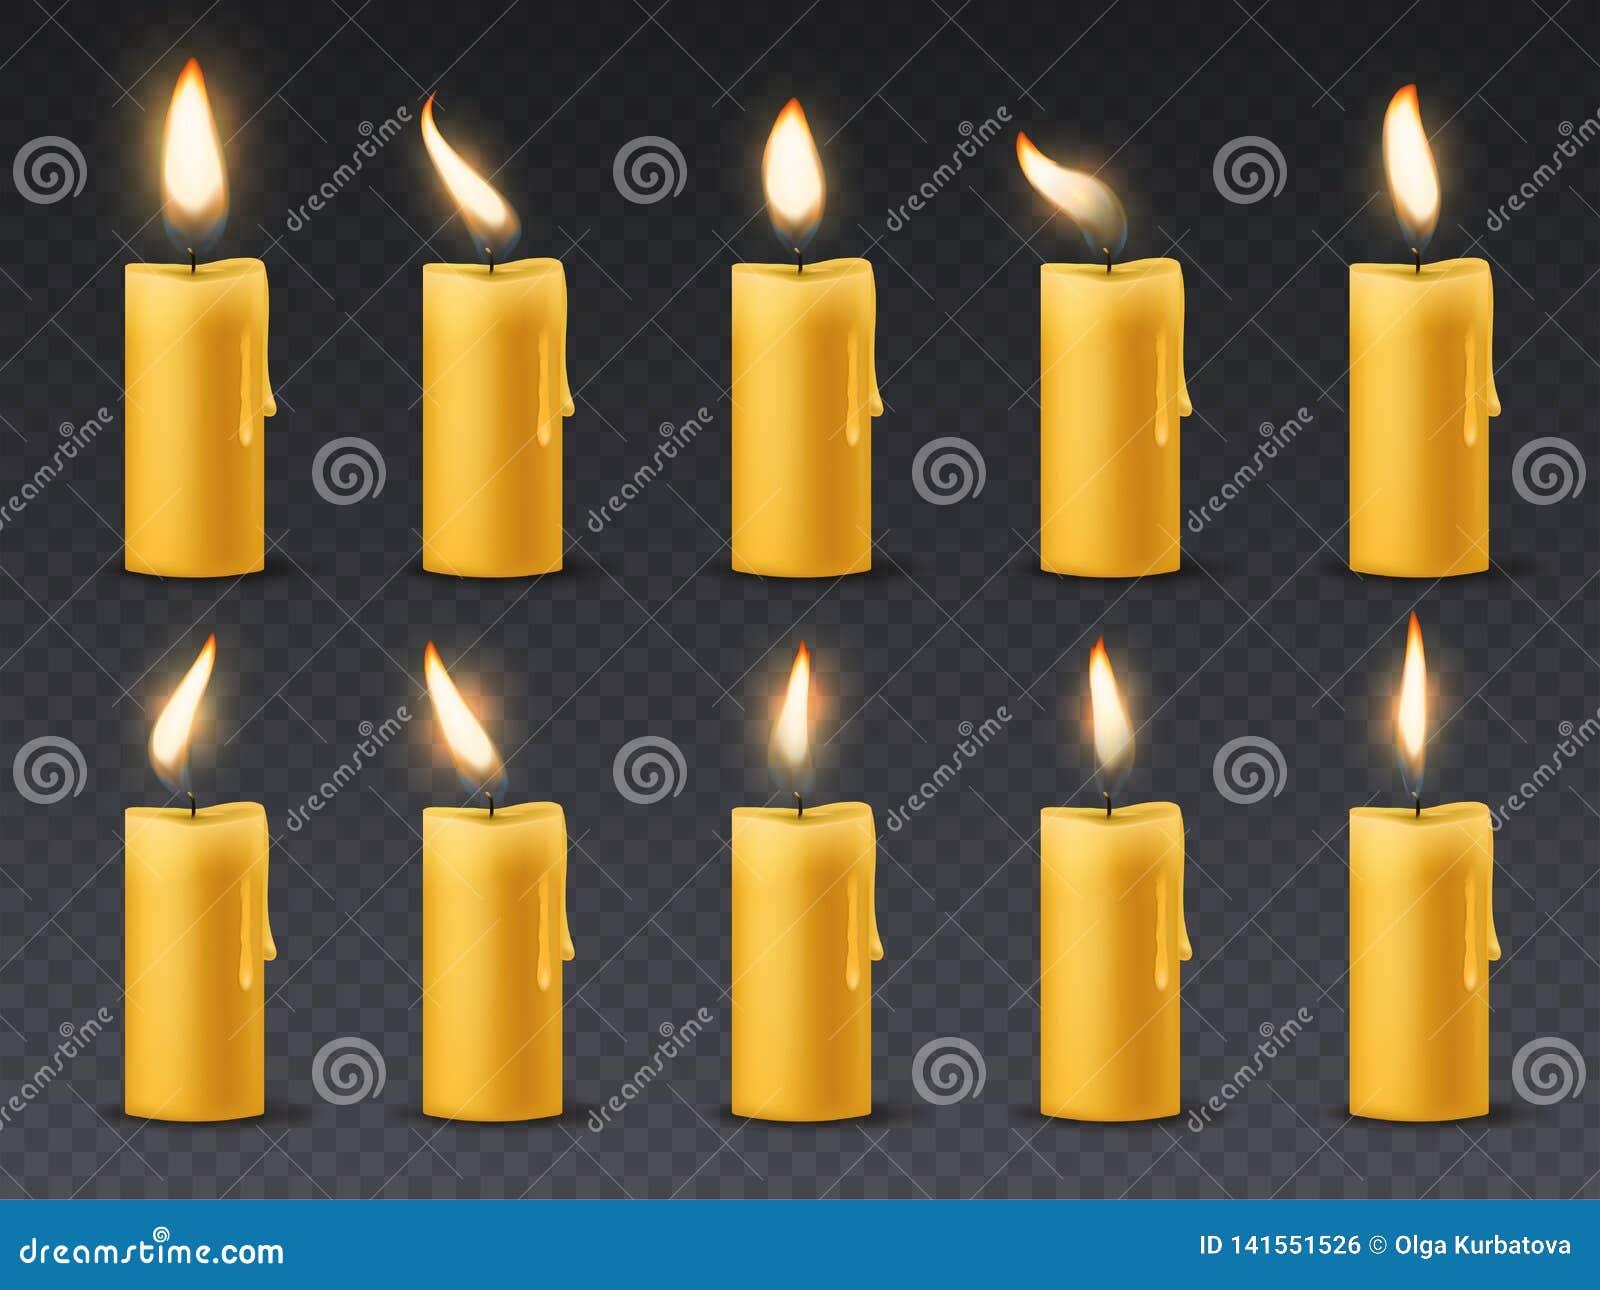 Świeczka płomienia animacja Animowanego blasku świecy romantycznego wakacyjnego wosku płonące świeczki zamknięte w górę ciepłego